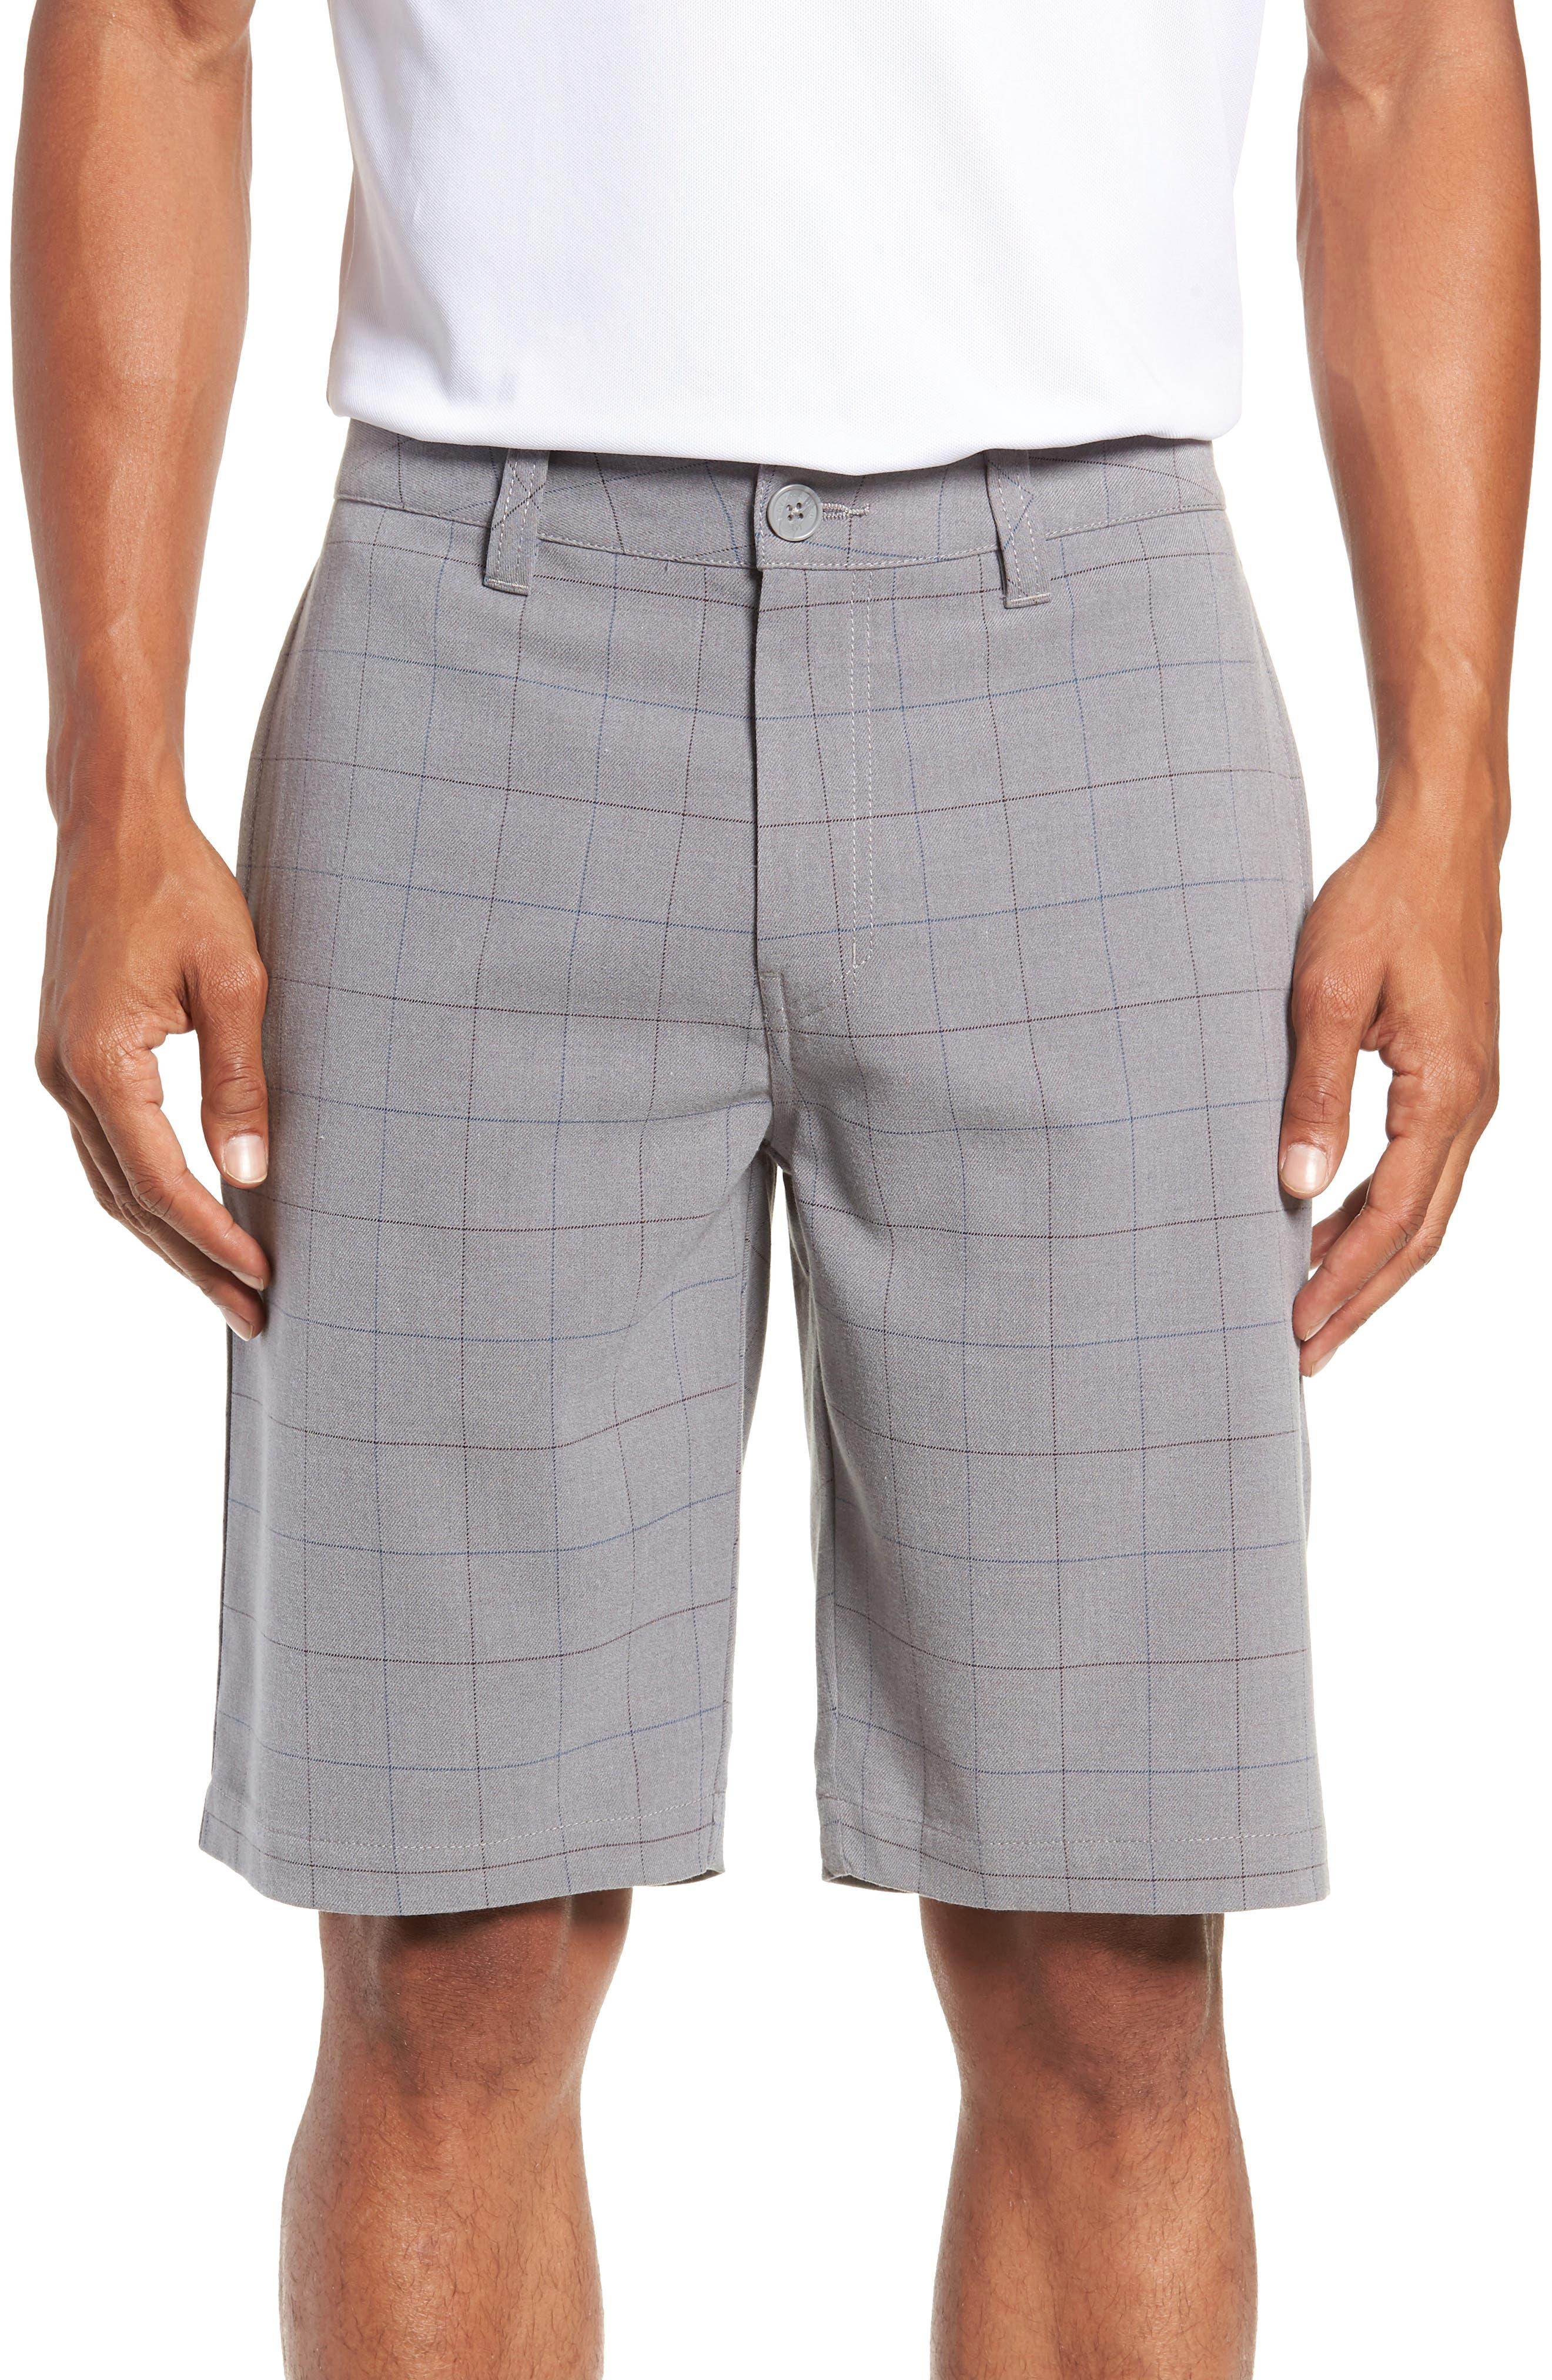 Rickles Regular Fit Shorts,                             Main thumbnail 1, color,                             020